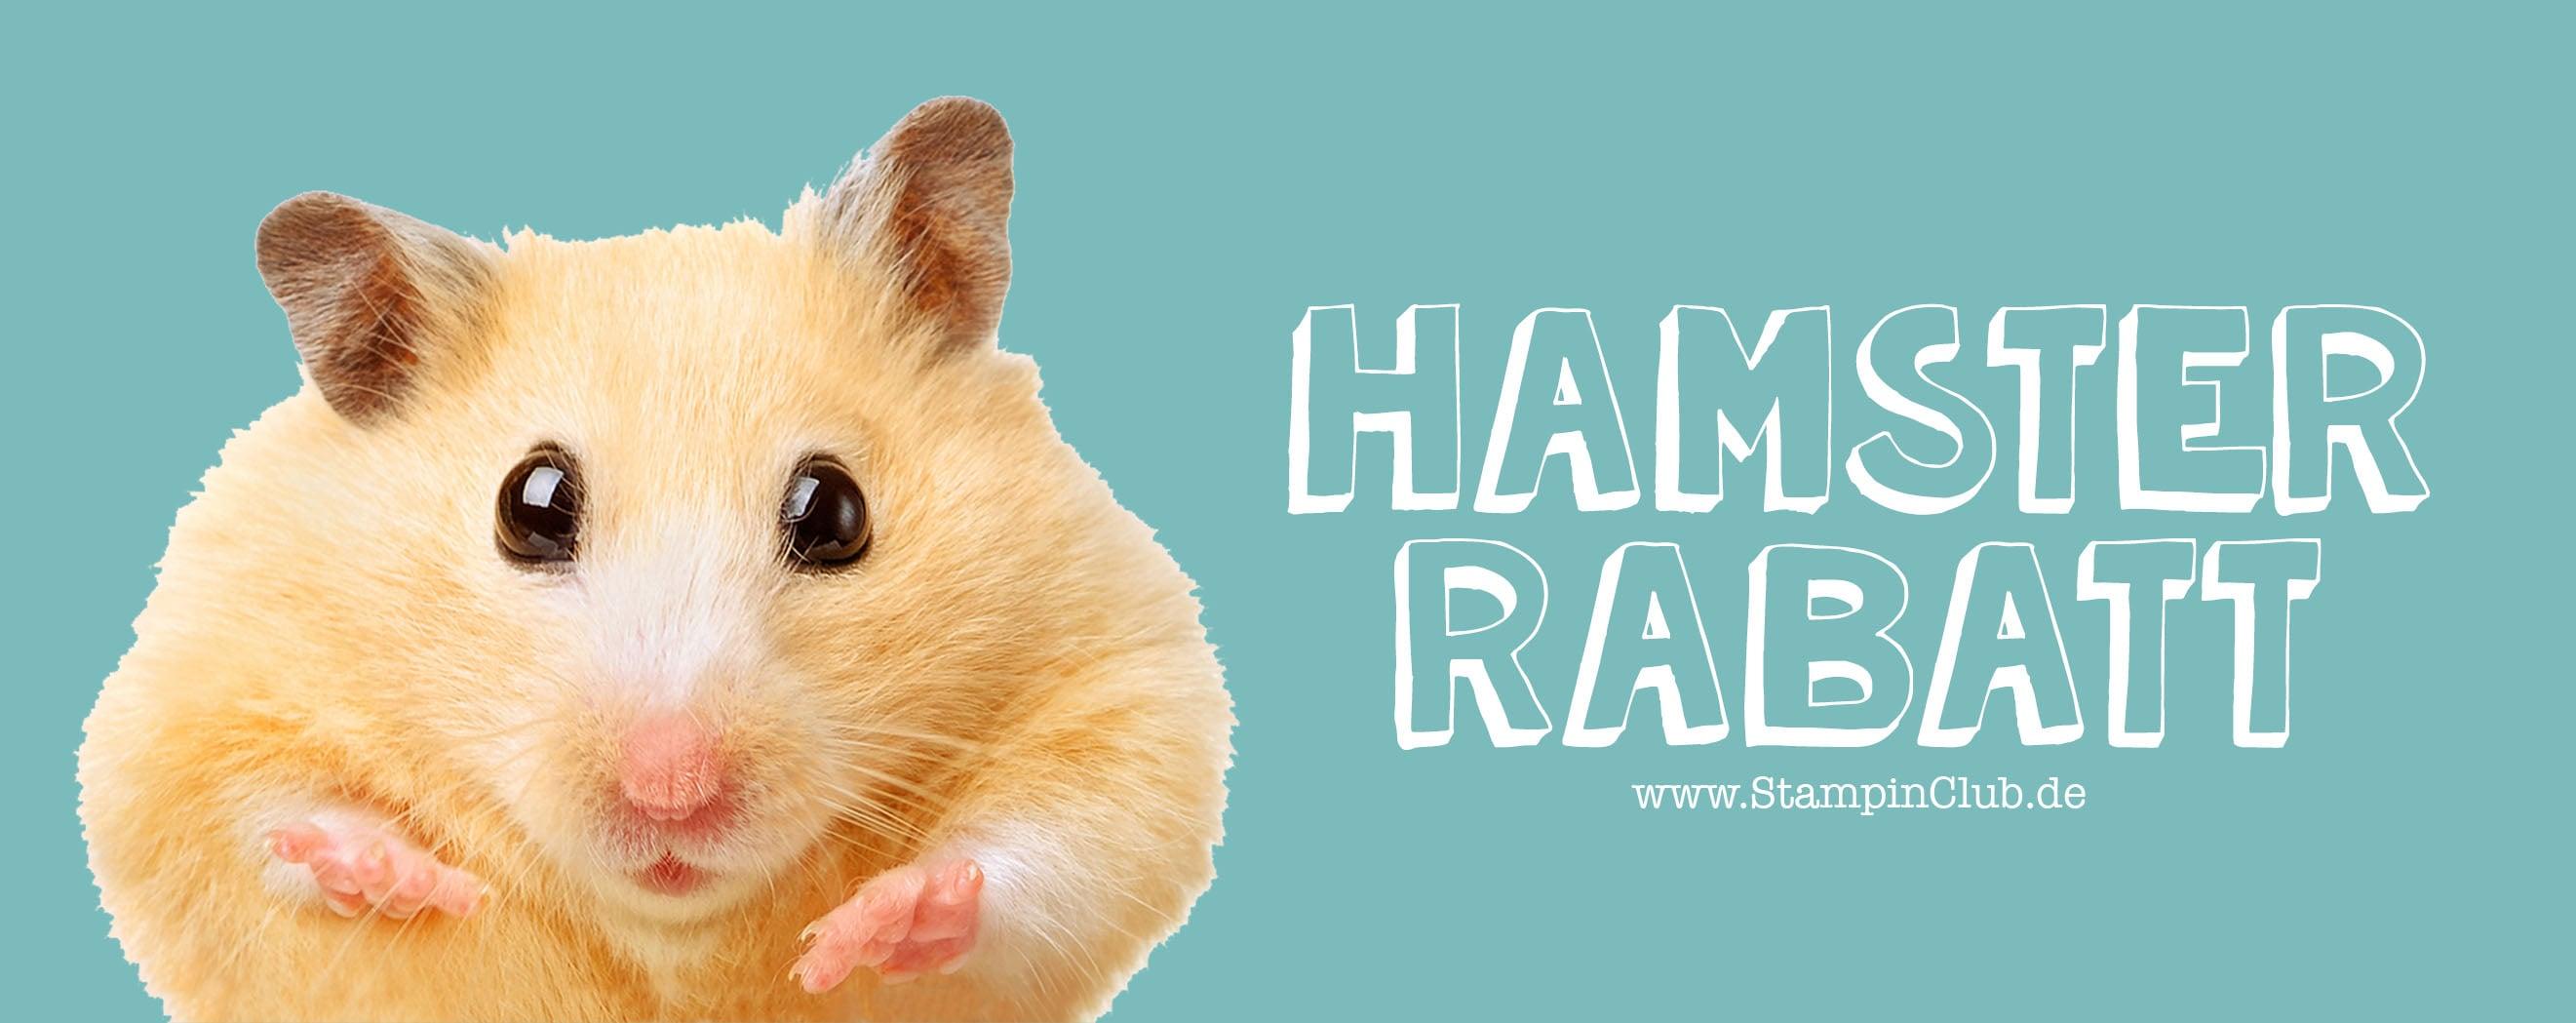 Hamster Rabatt